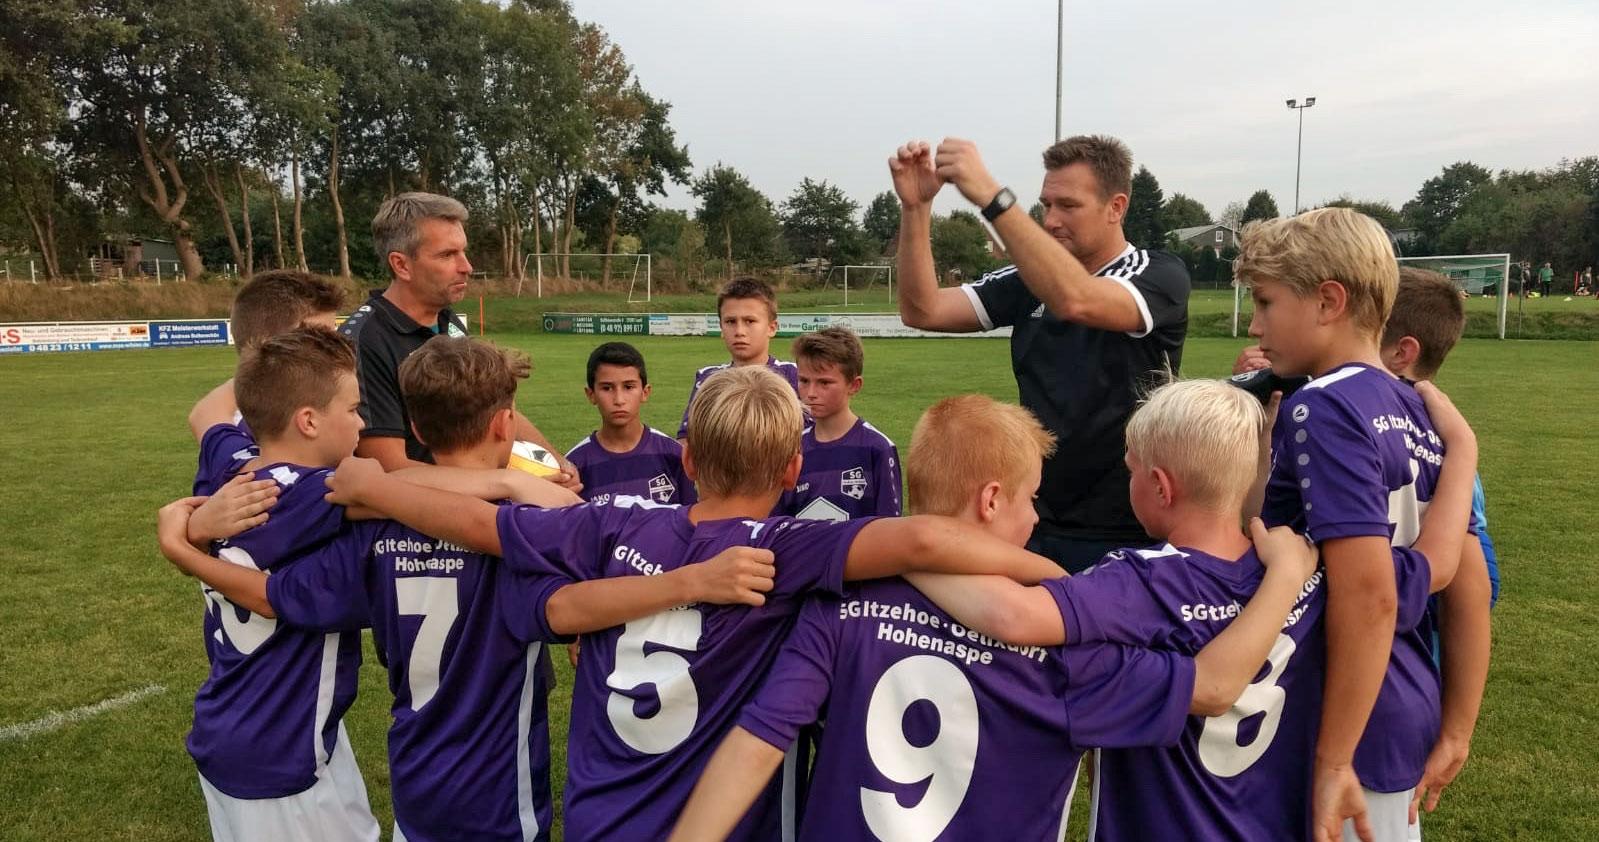 D-Jugend qualifiziert sich für Verbandsliga